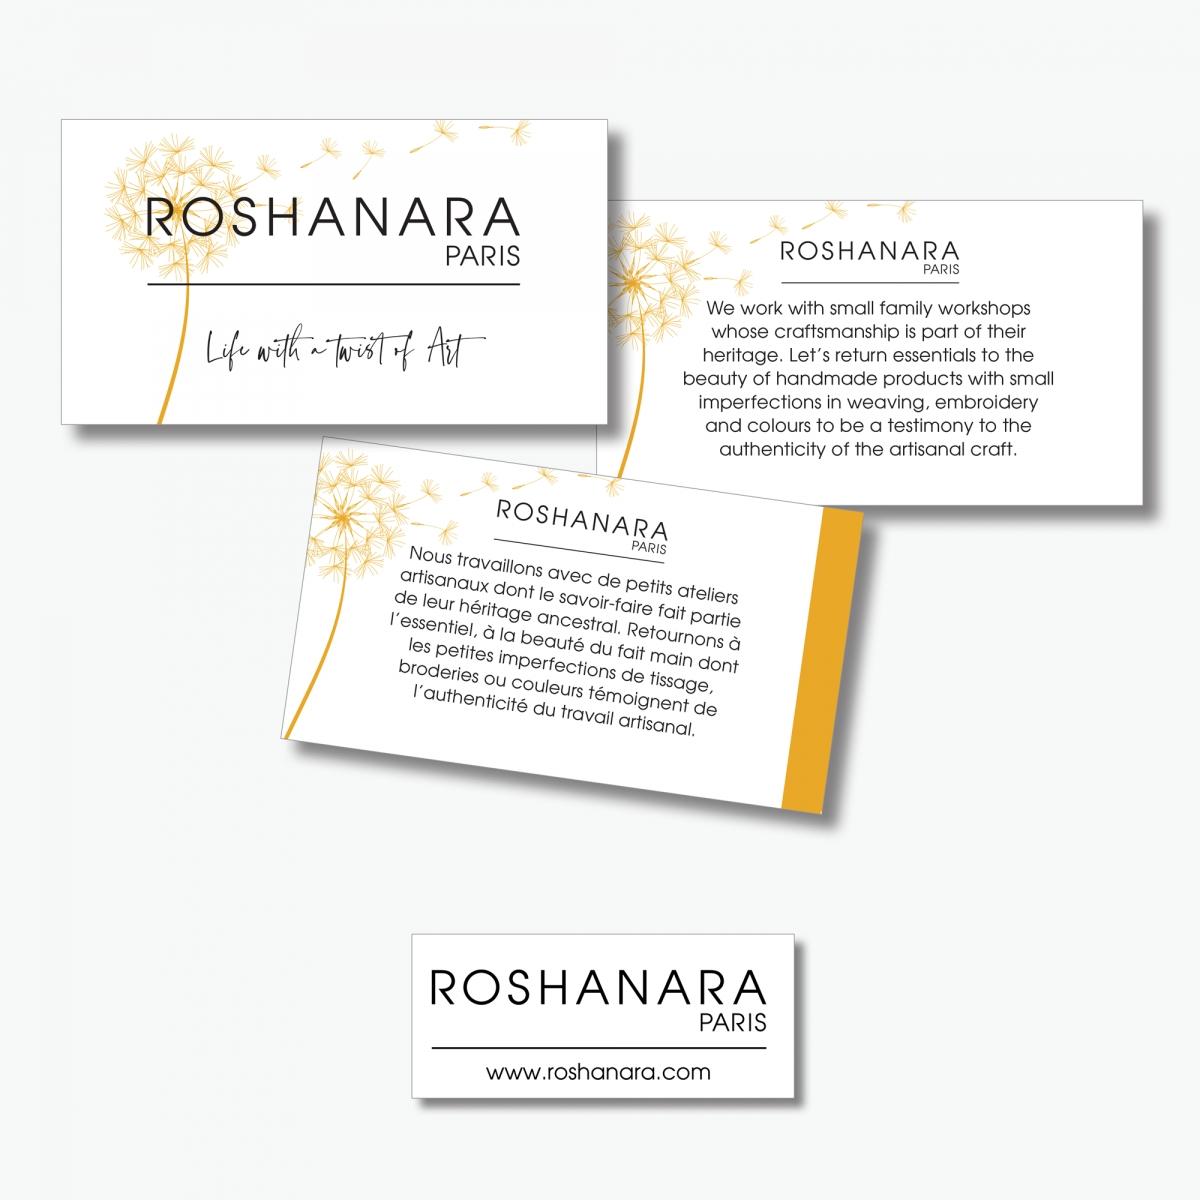 Roshanara Paris